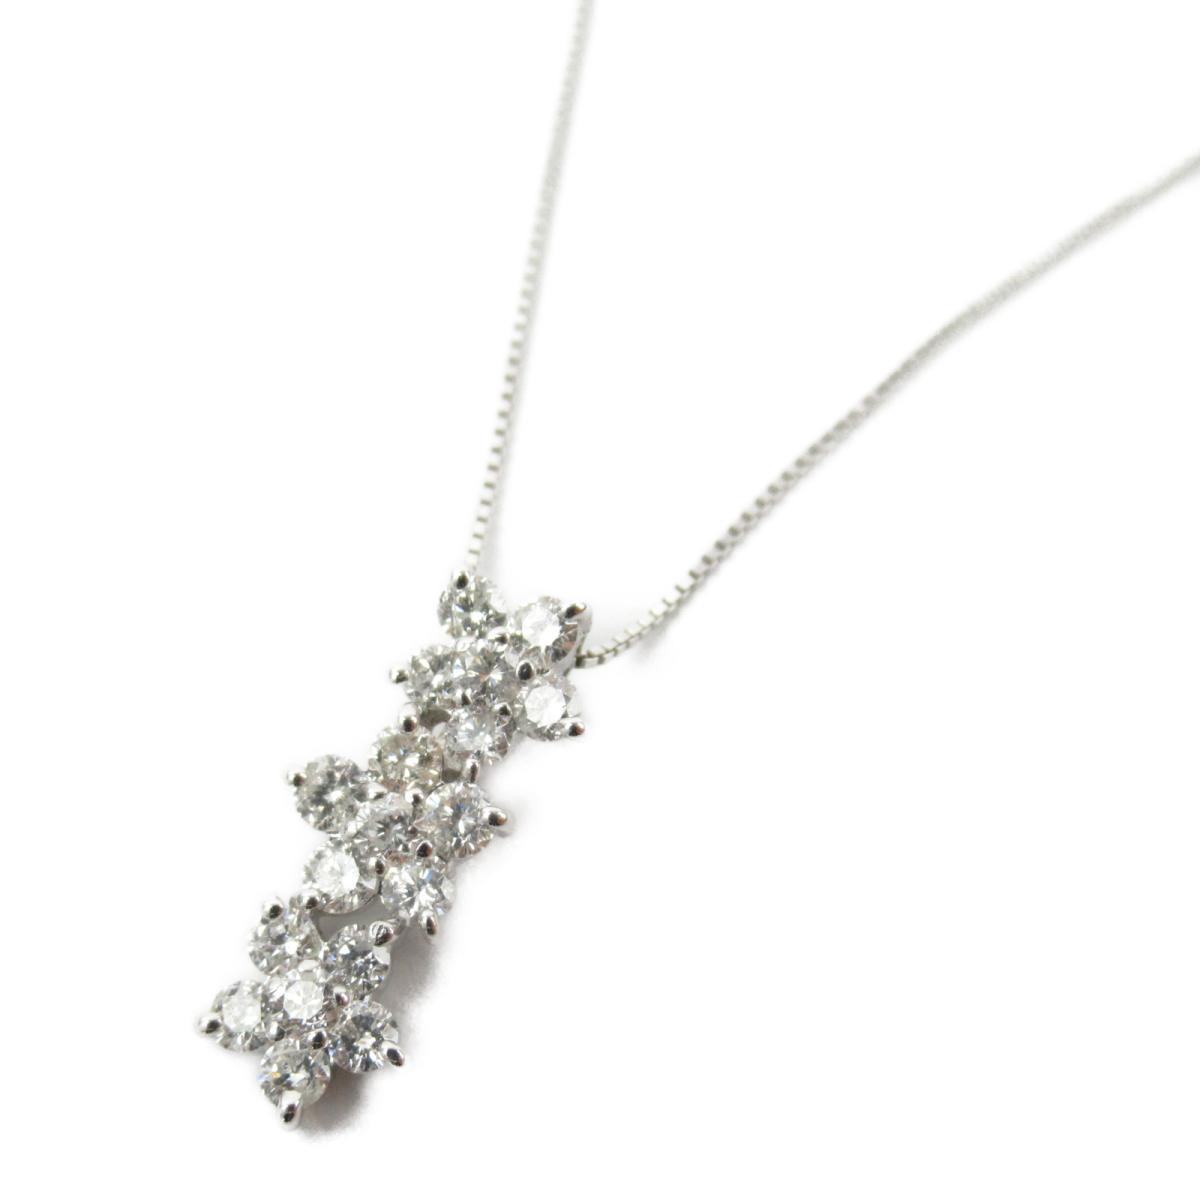 ジュエリー ダイヤモンド ネックレス ノーブランドジュエリー レディース K18WG (750) ホワイトゴールド x ダイヤモンド0.70ct 【中古】 | JEWELRY BRANDOFF ブランドオフ アクセサリー ペンダント